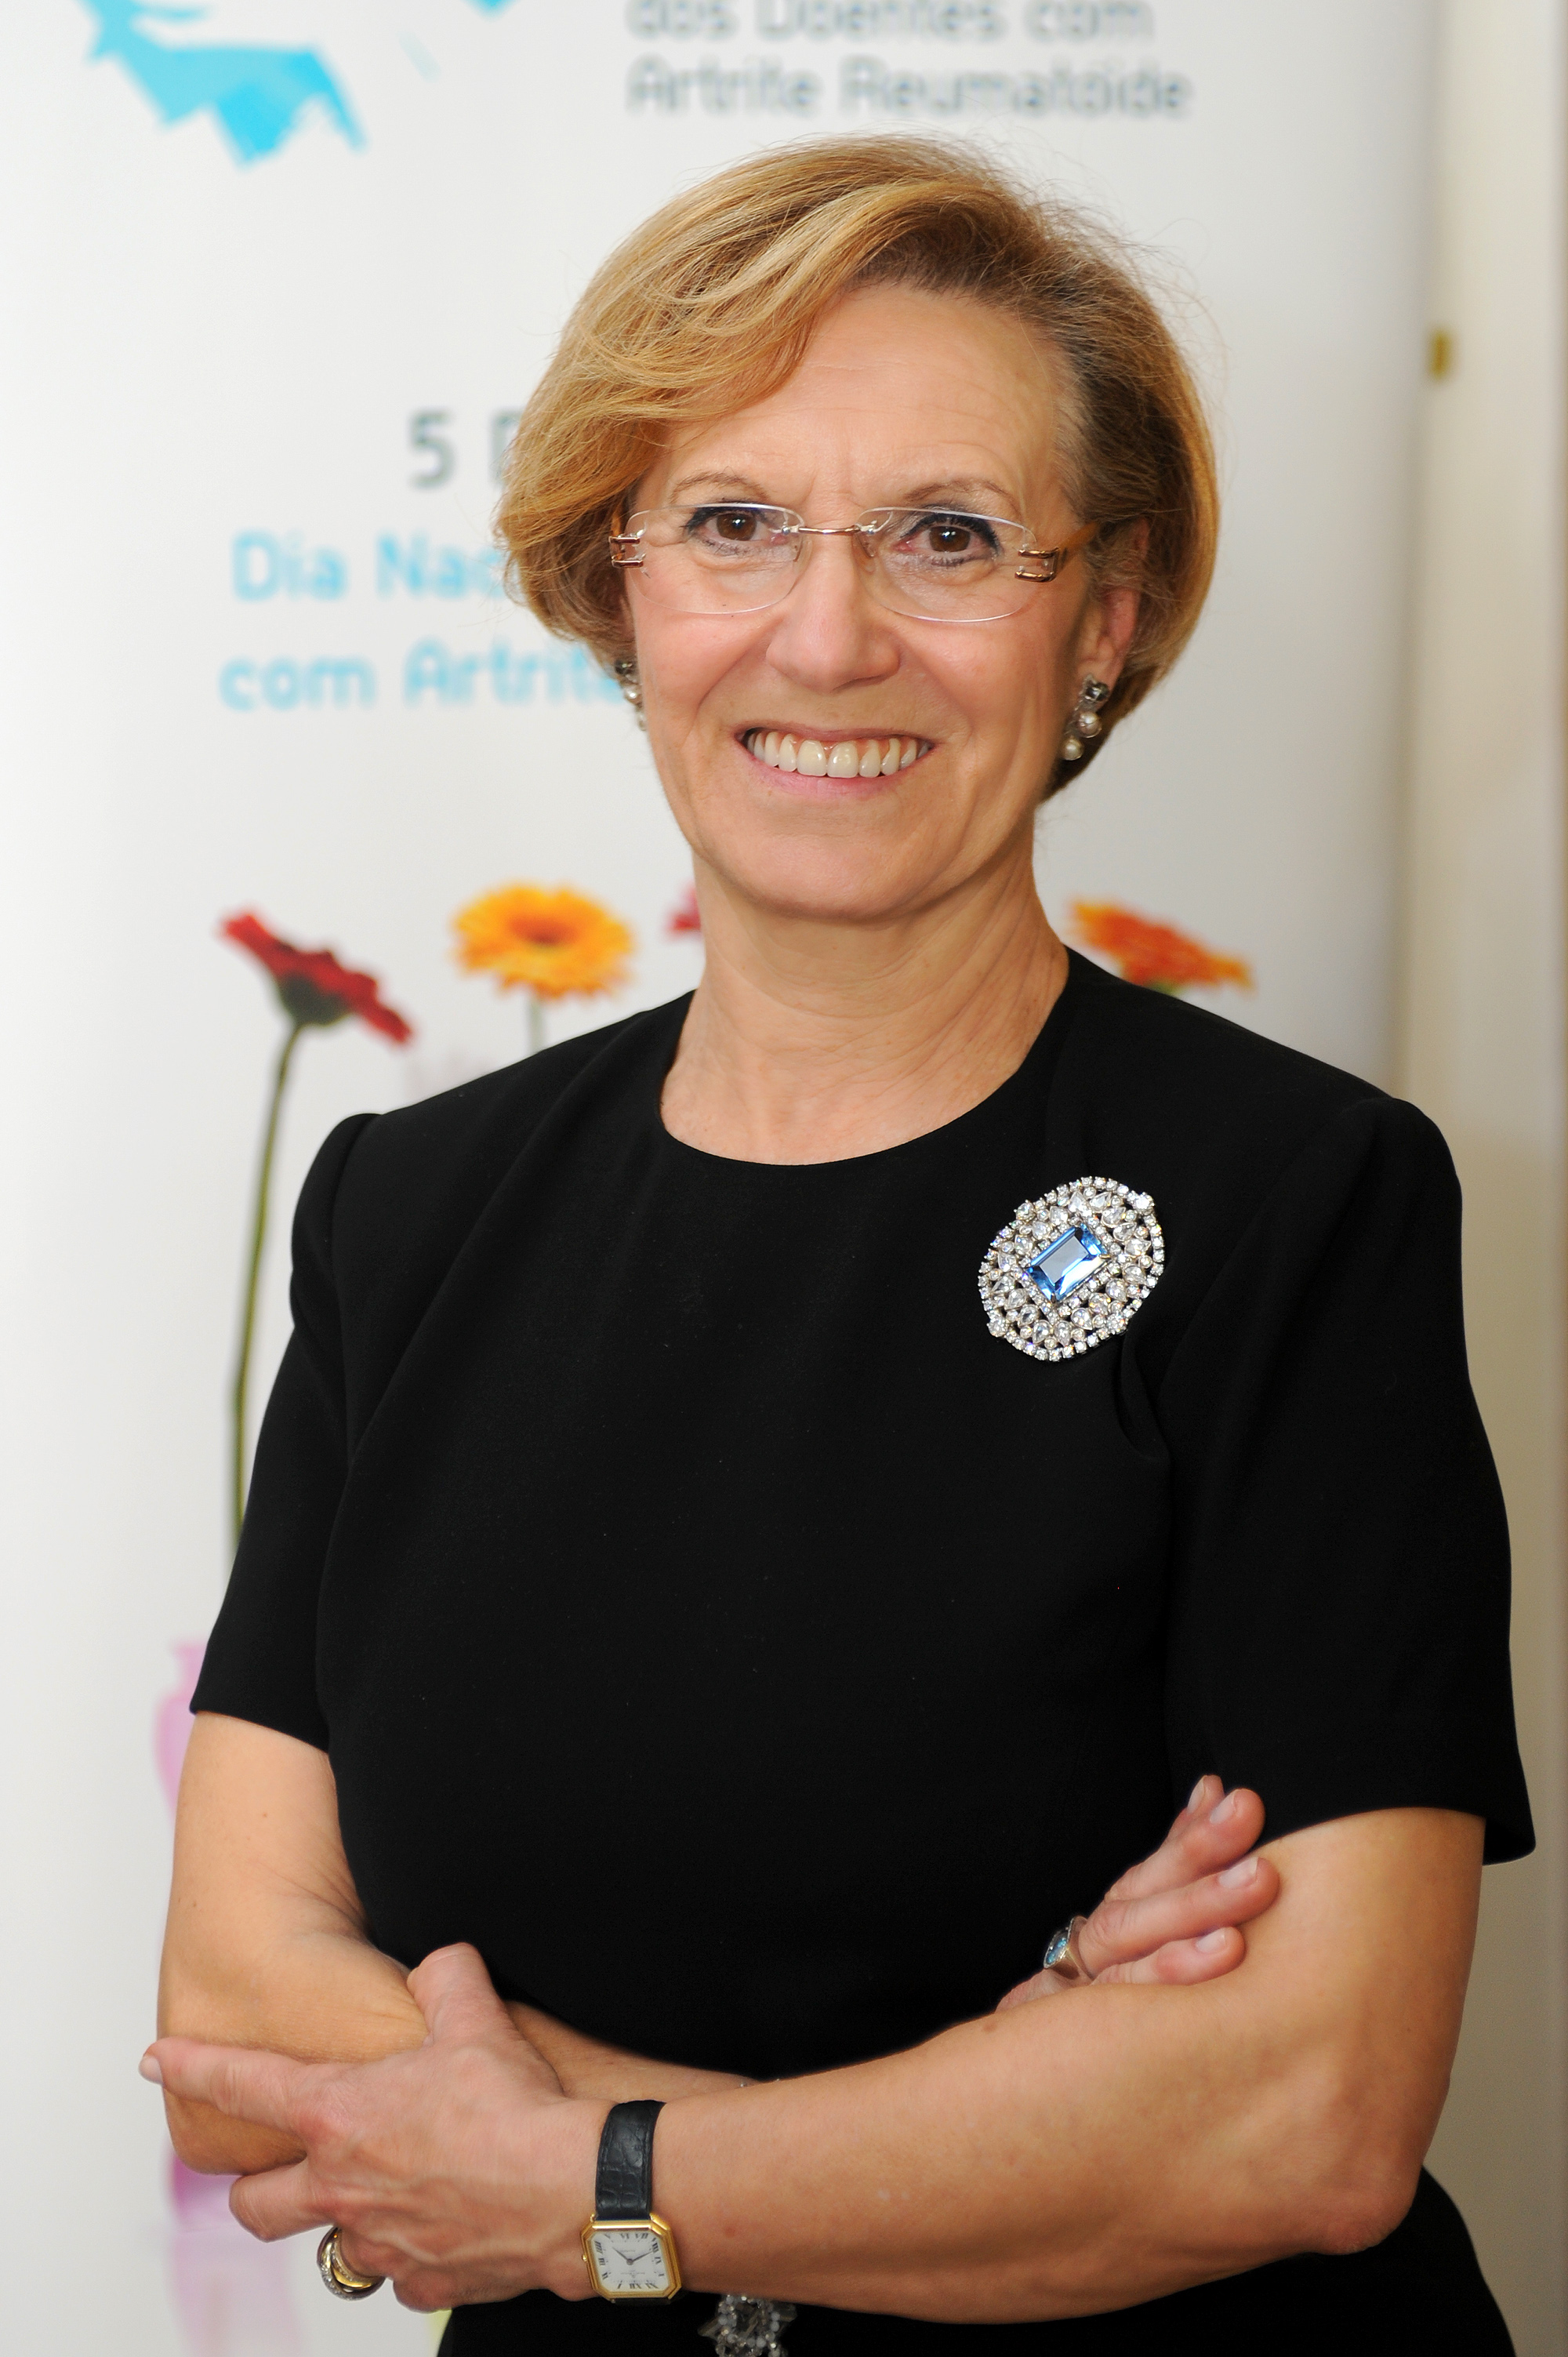 Saraiva, Sra. Arsisete (ANDAR)